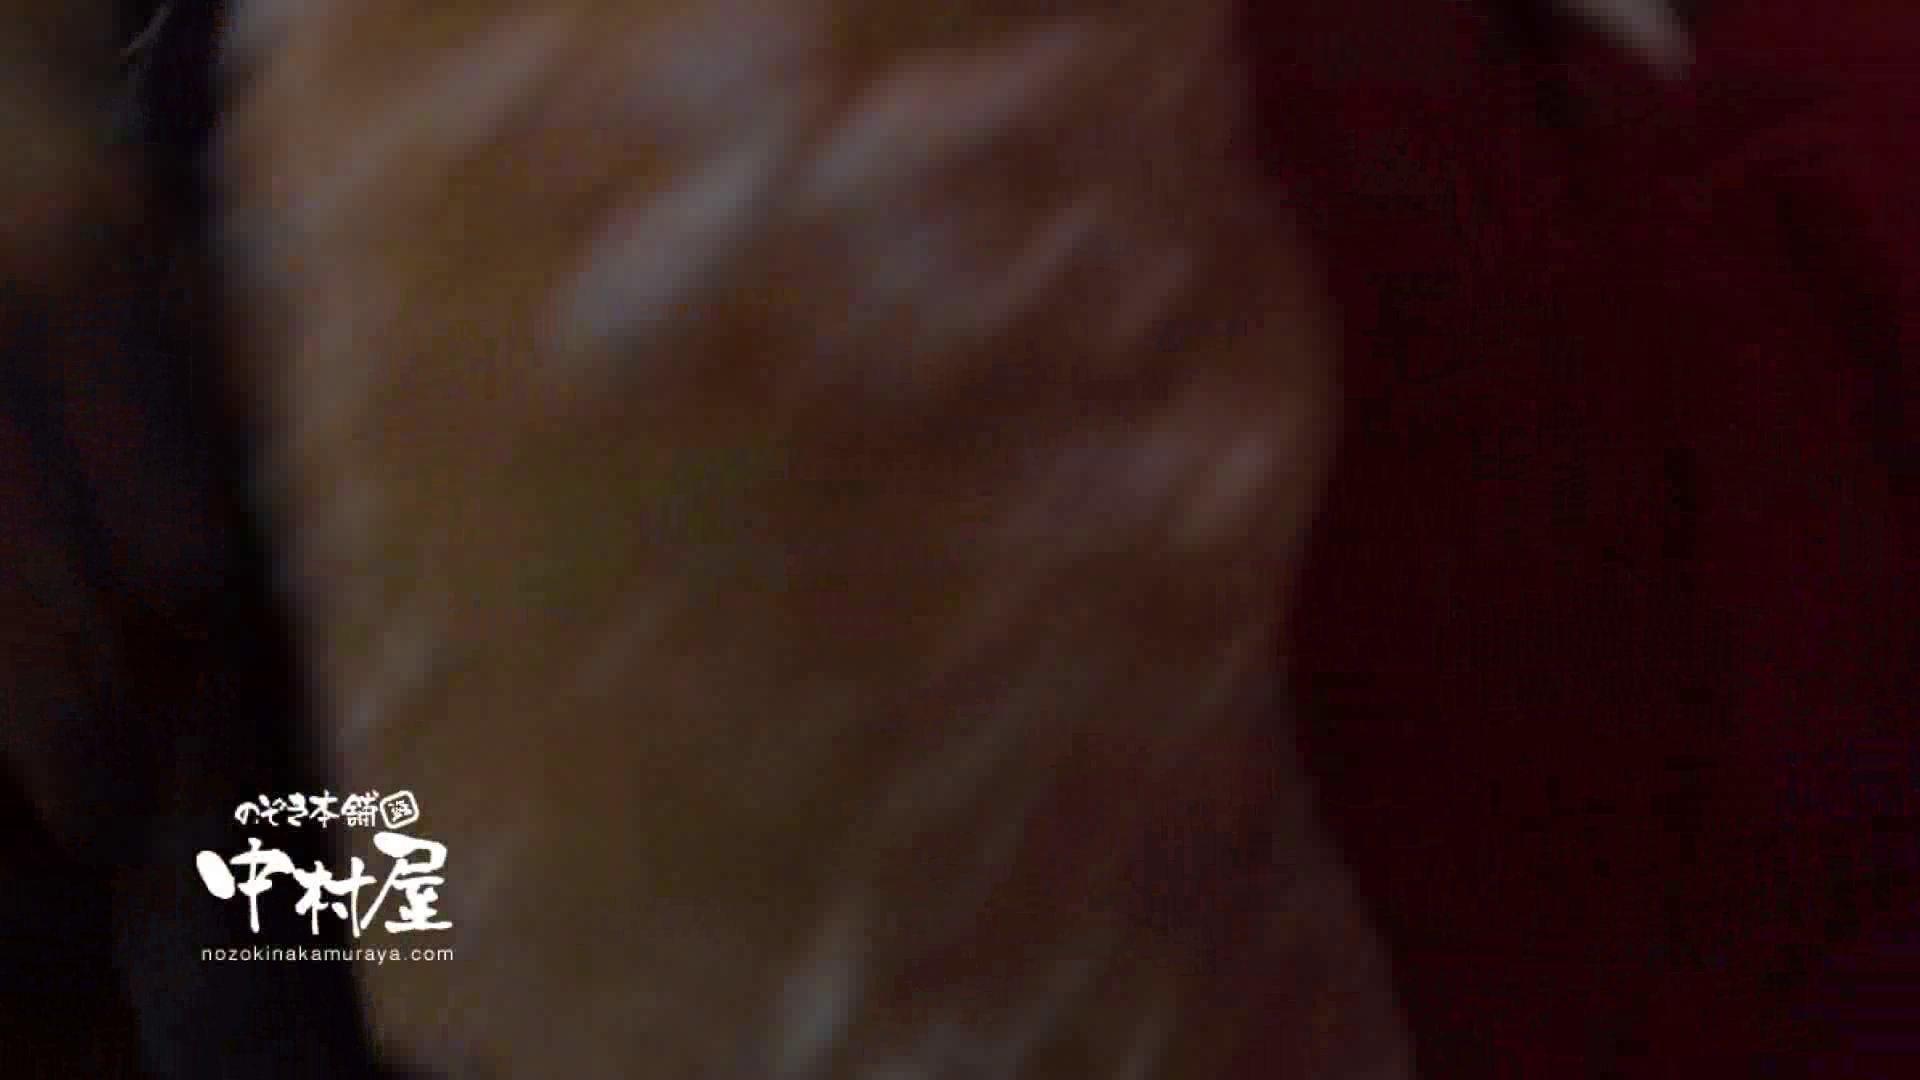 鬼畜 vol.13 もうなすがママ→結果クリームパイ 前編 鬼畜 | 綺麗なOLたち  104枚 93